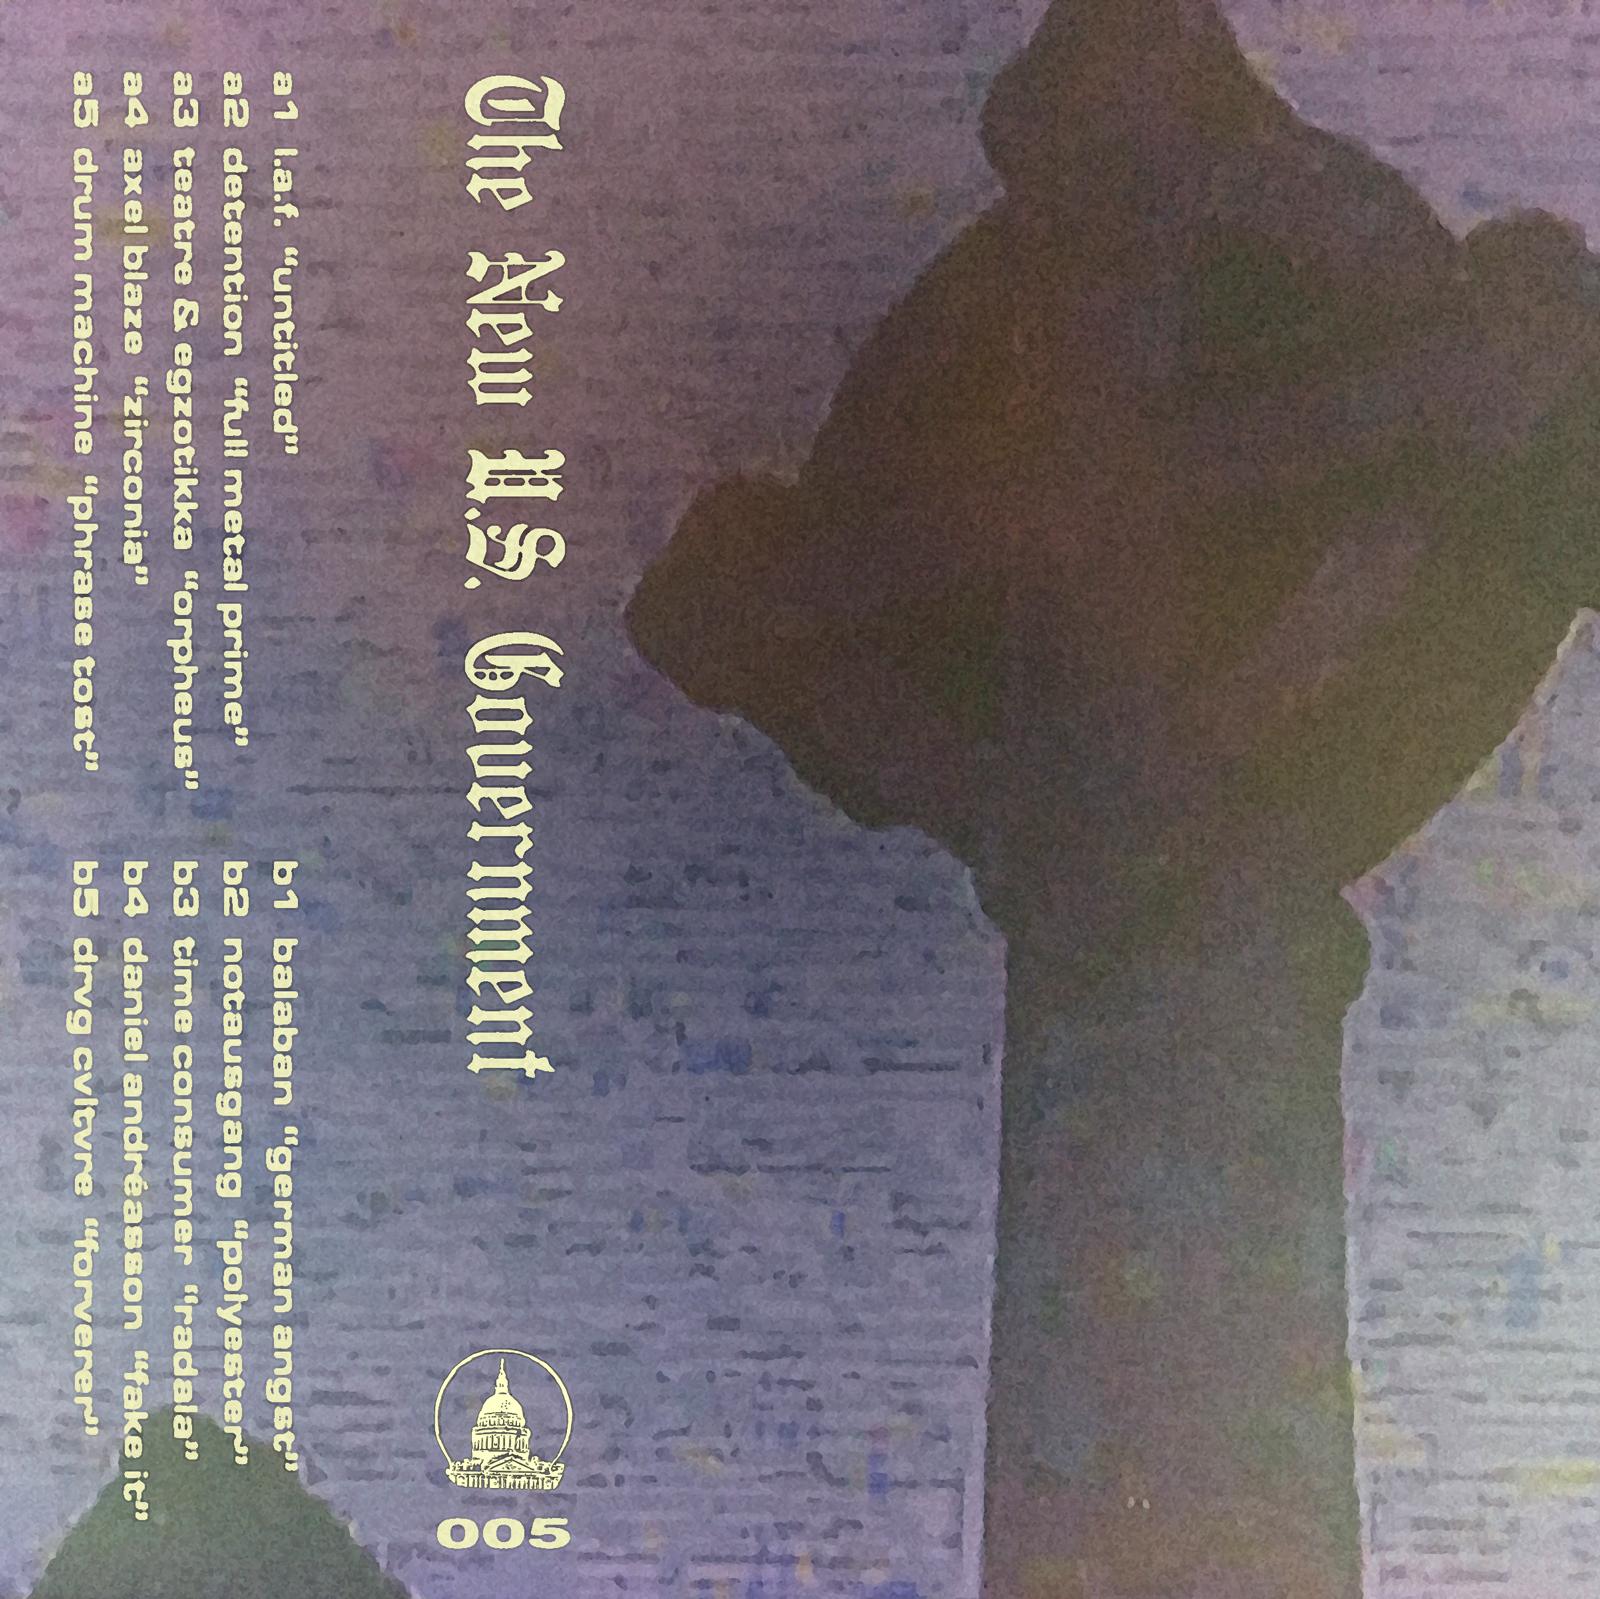 NEWUSG005-artwork-Square-PREVIEWS.jpg